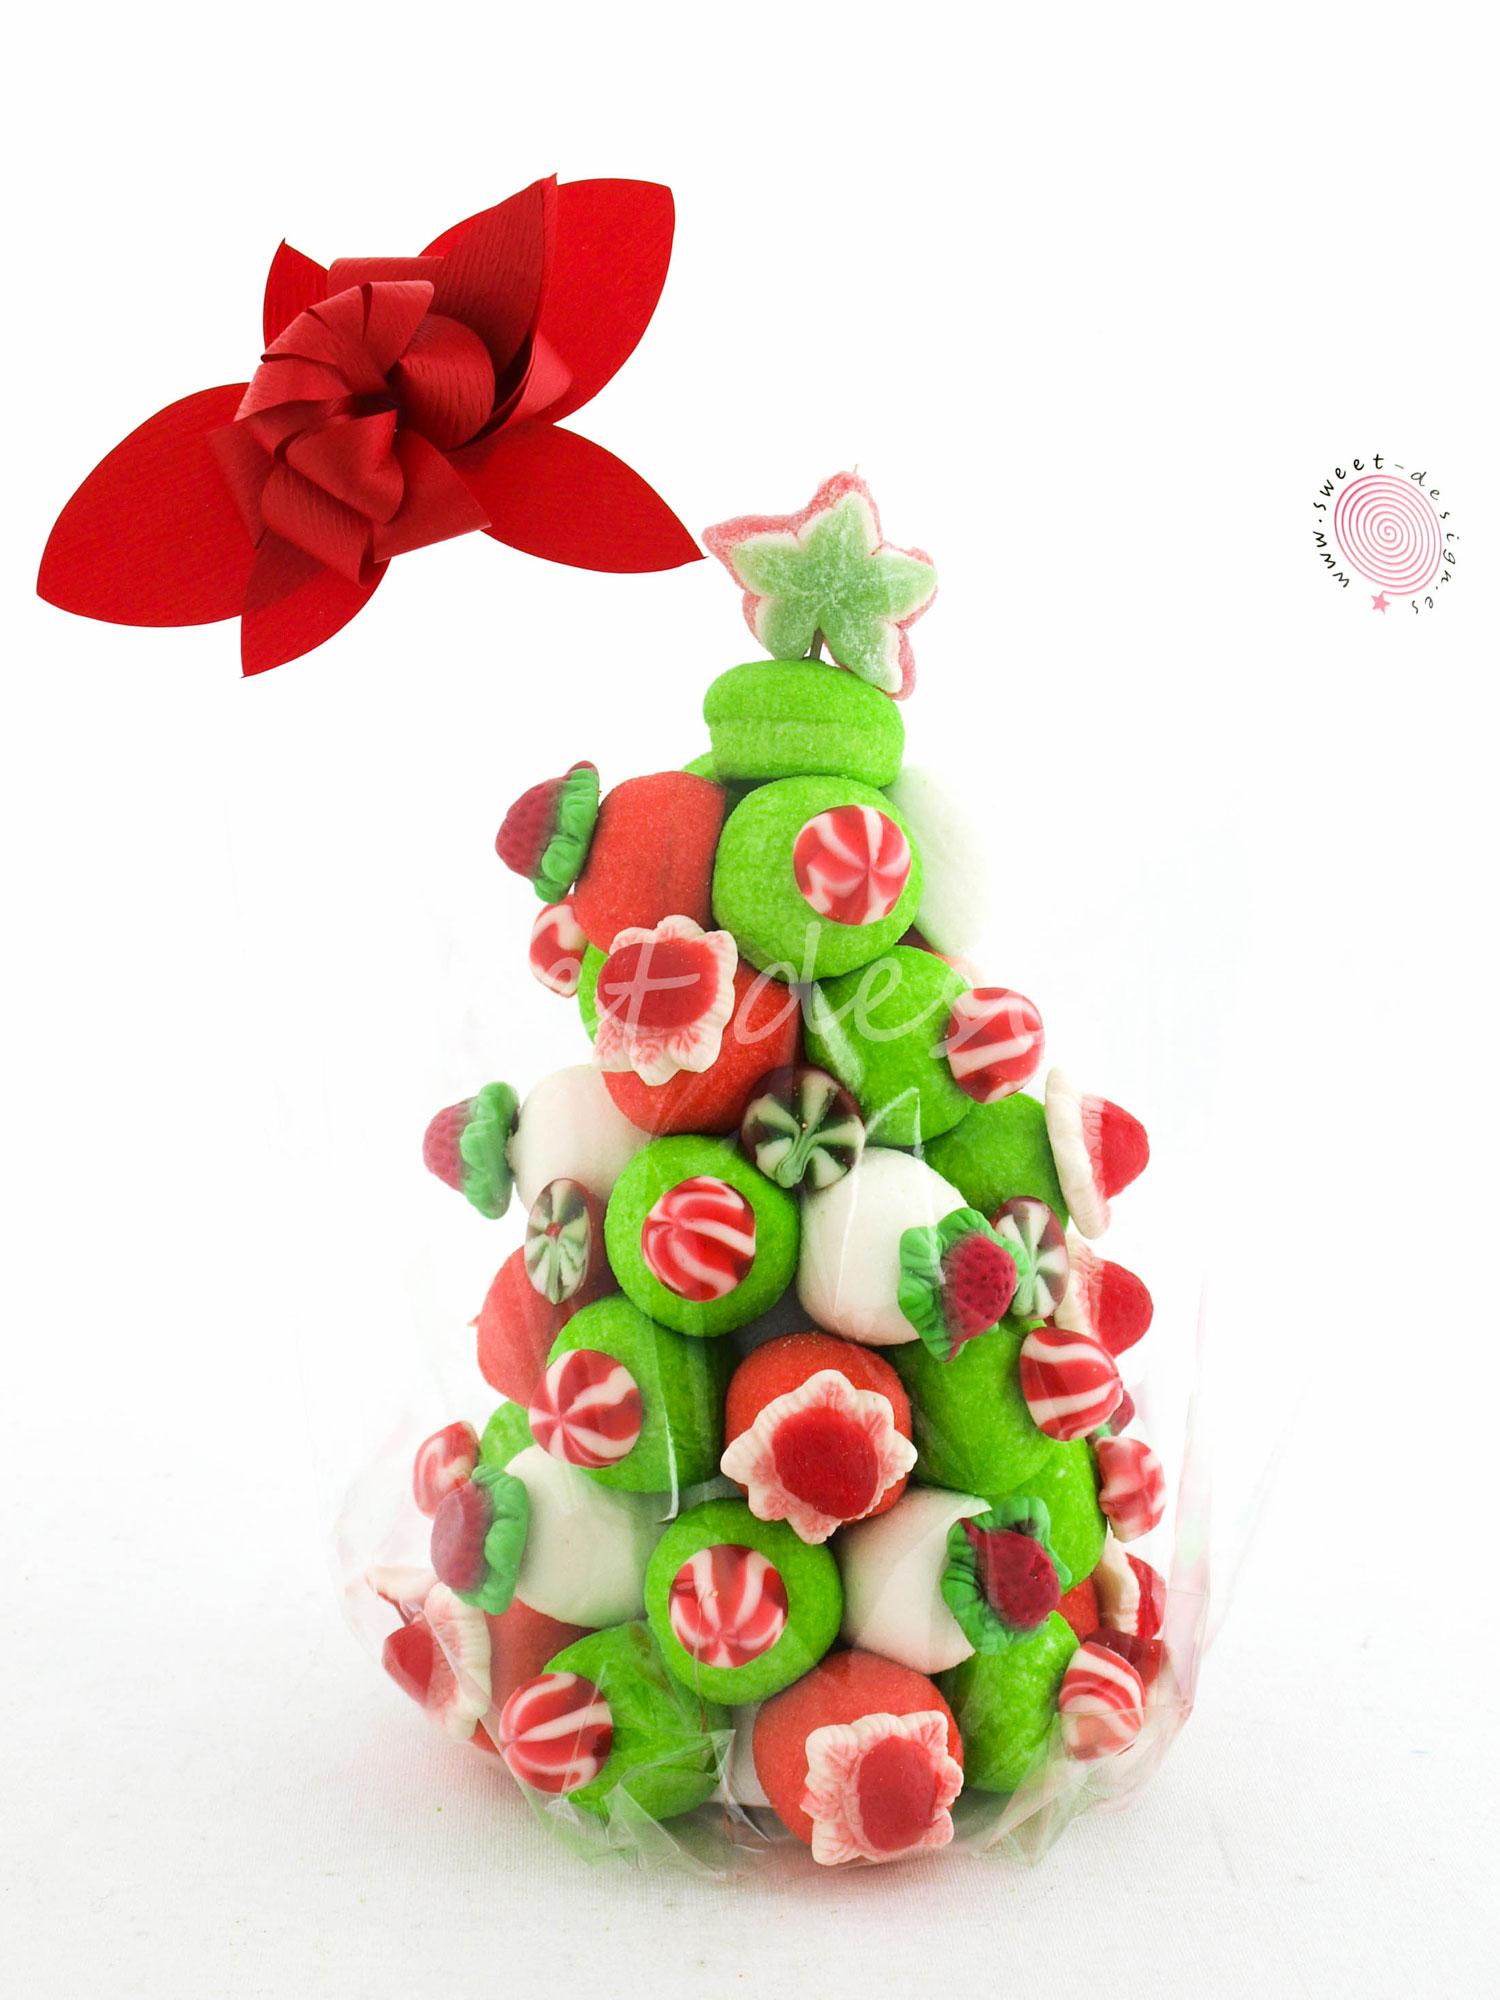 Arbol de navidad sweet design - Arbol de navidad adornado ...